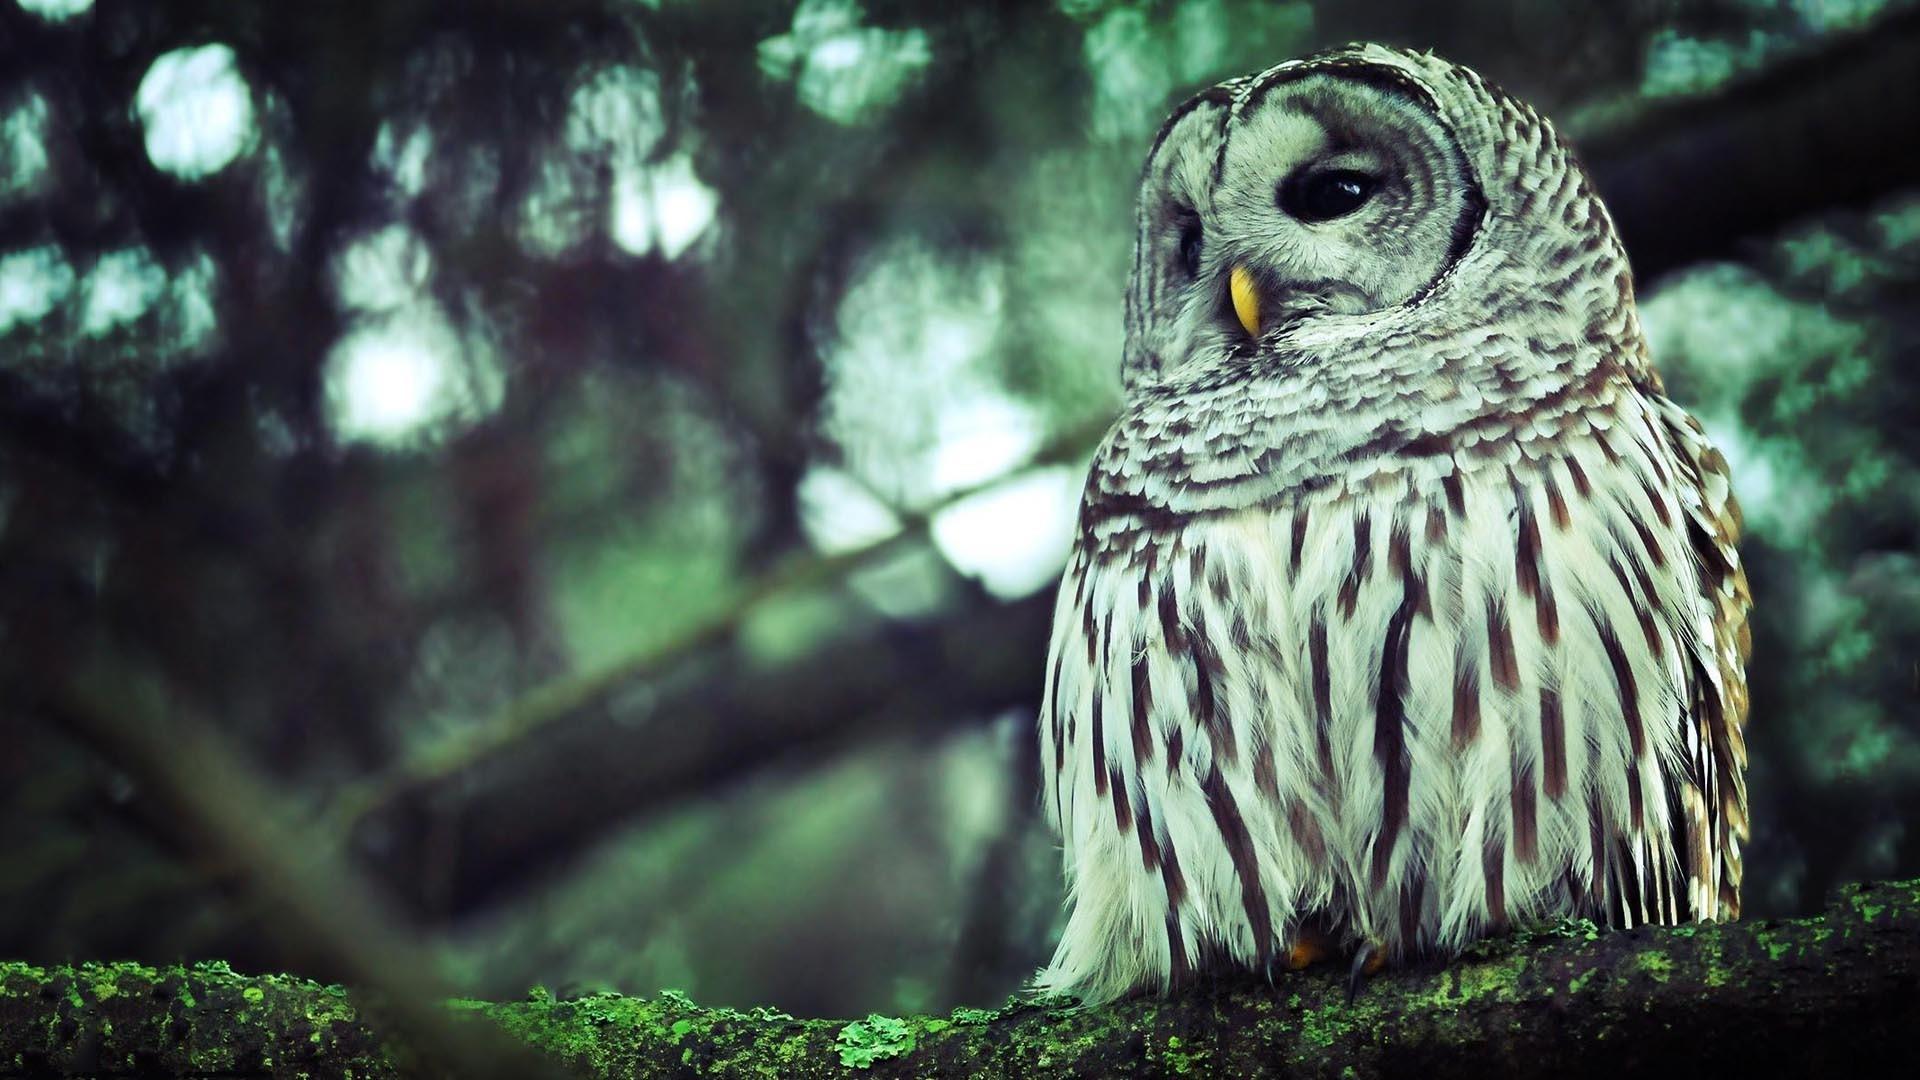 Description: Owl HD Wallpaper is a hi res Wallpaper for pc desktops .